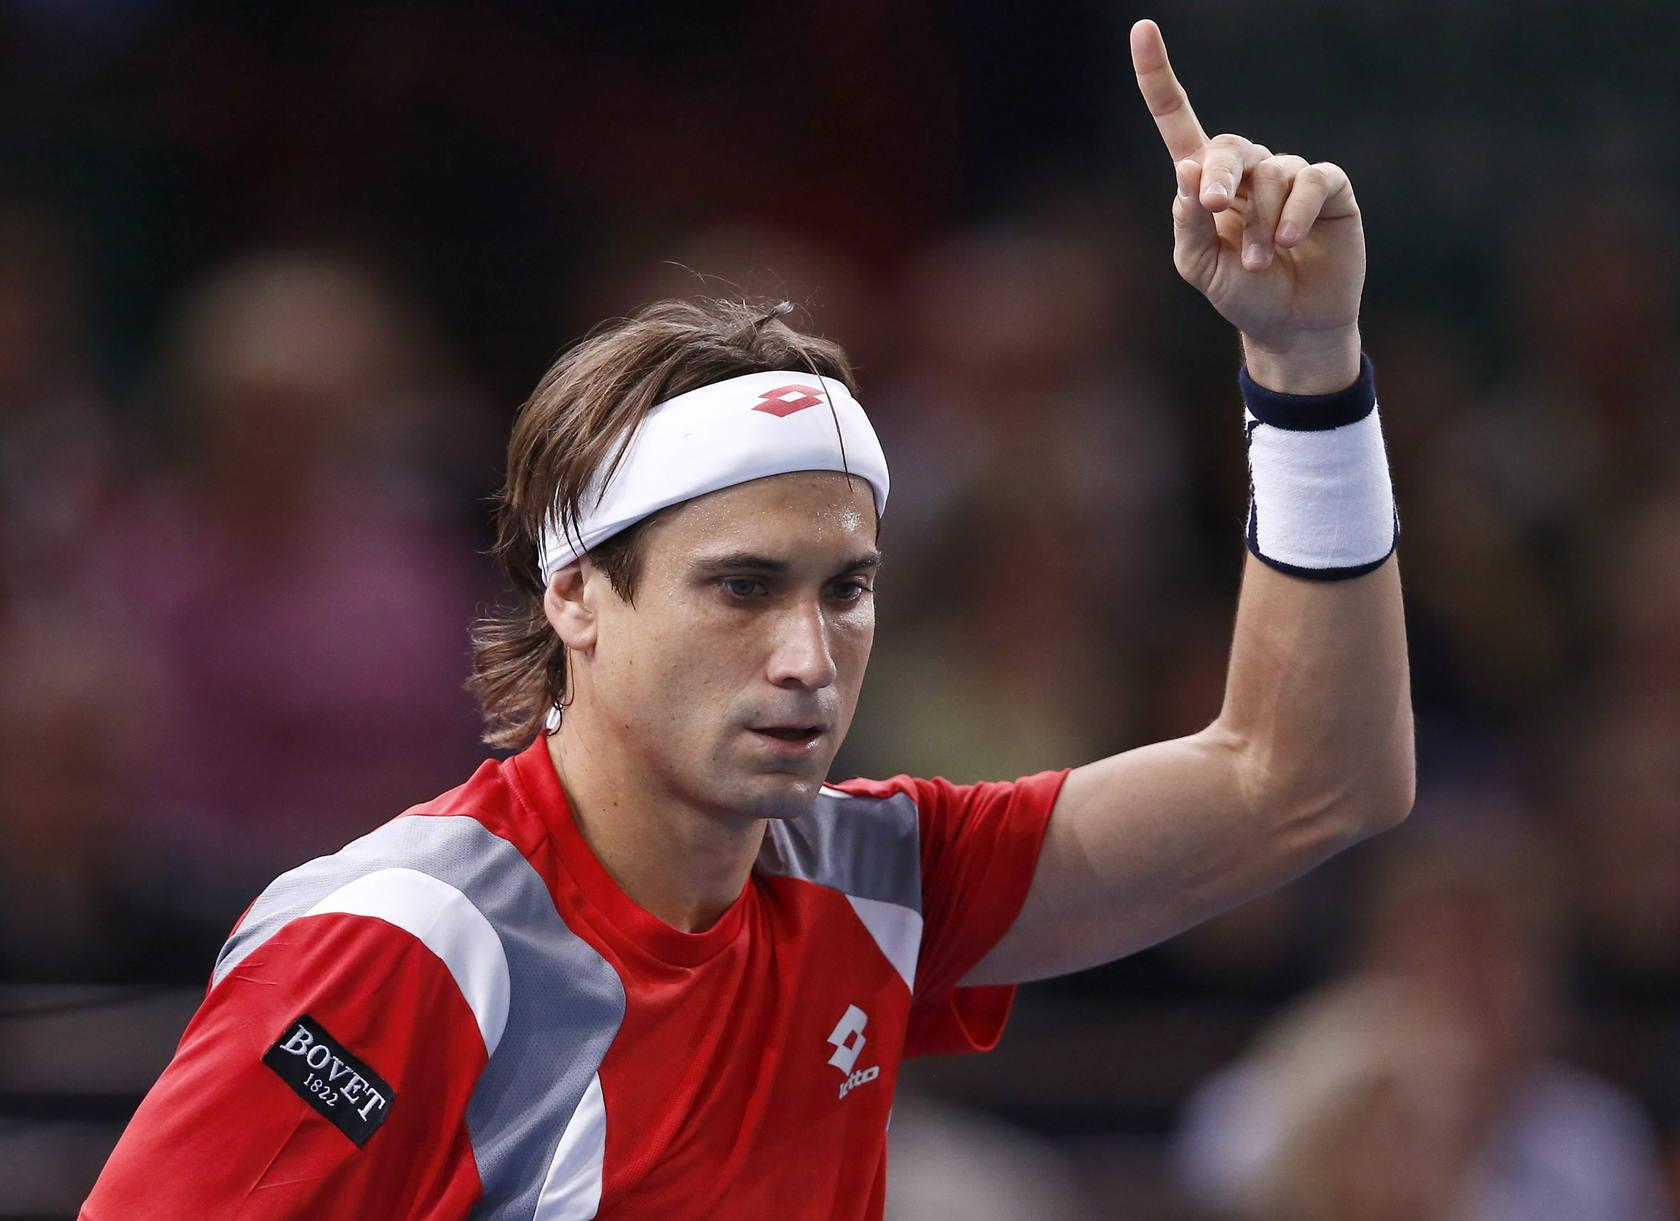 David Ferrer gana su primer Masters 1.000 en Bercy al derrotar a Janowicz